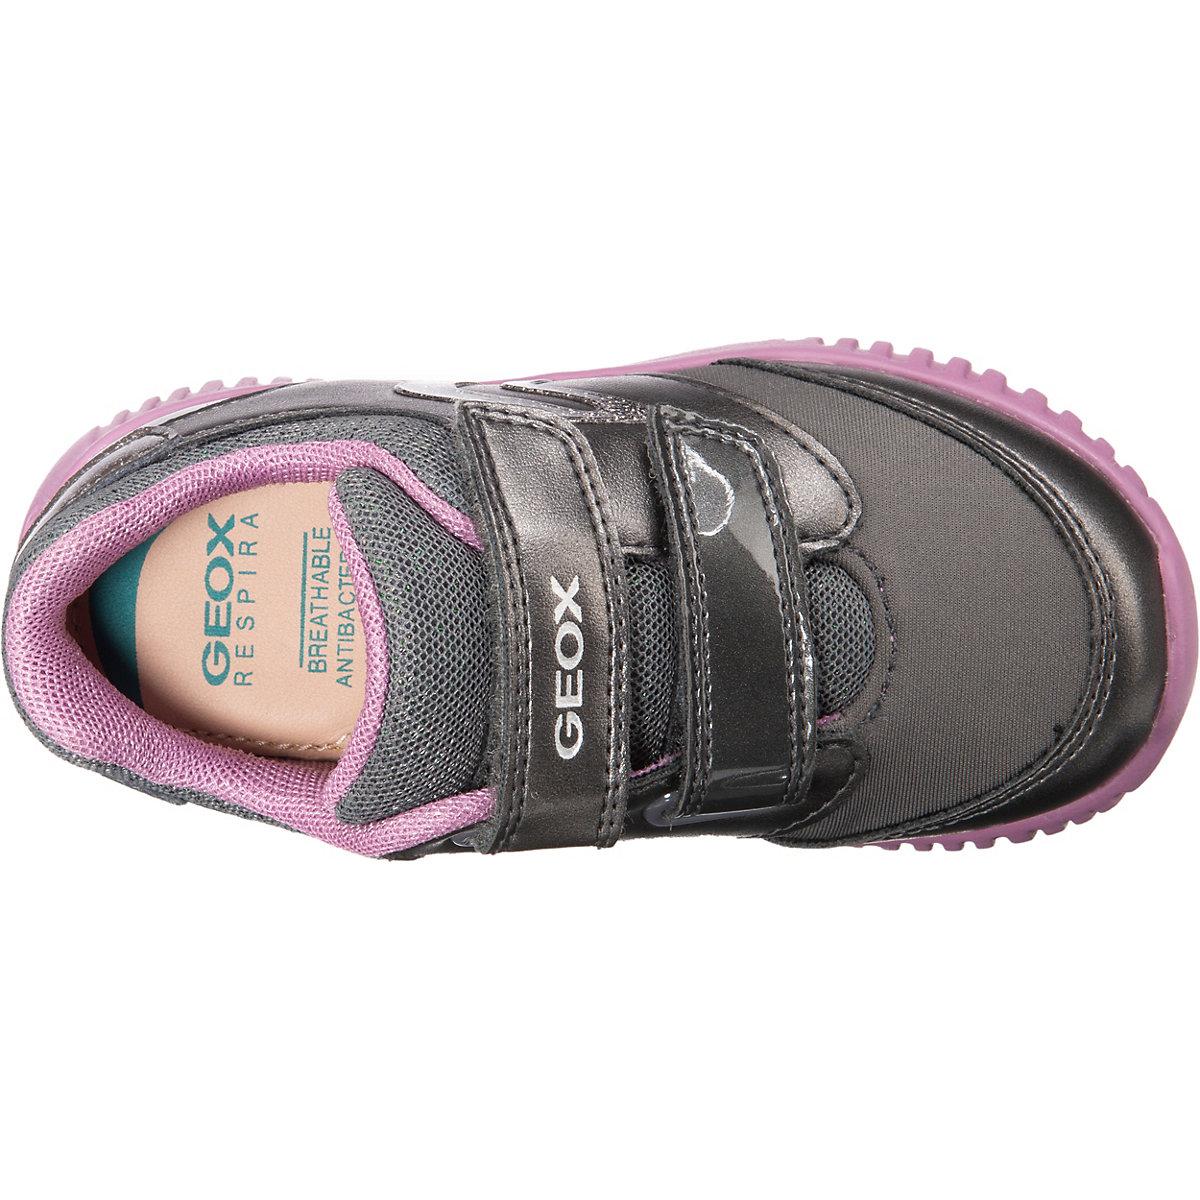 Neueste Sneakers low B WAVINESS GIRL      für Mädchen, GEOX   fhqGP